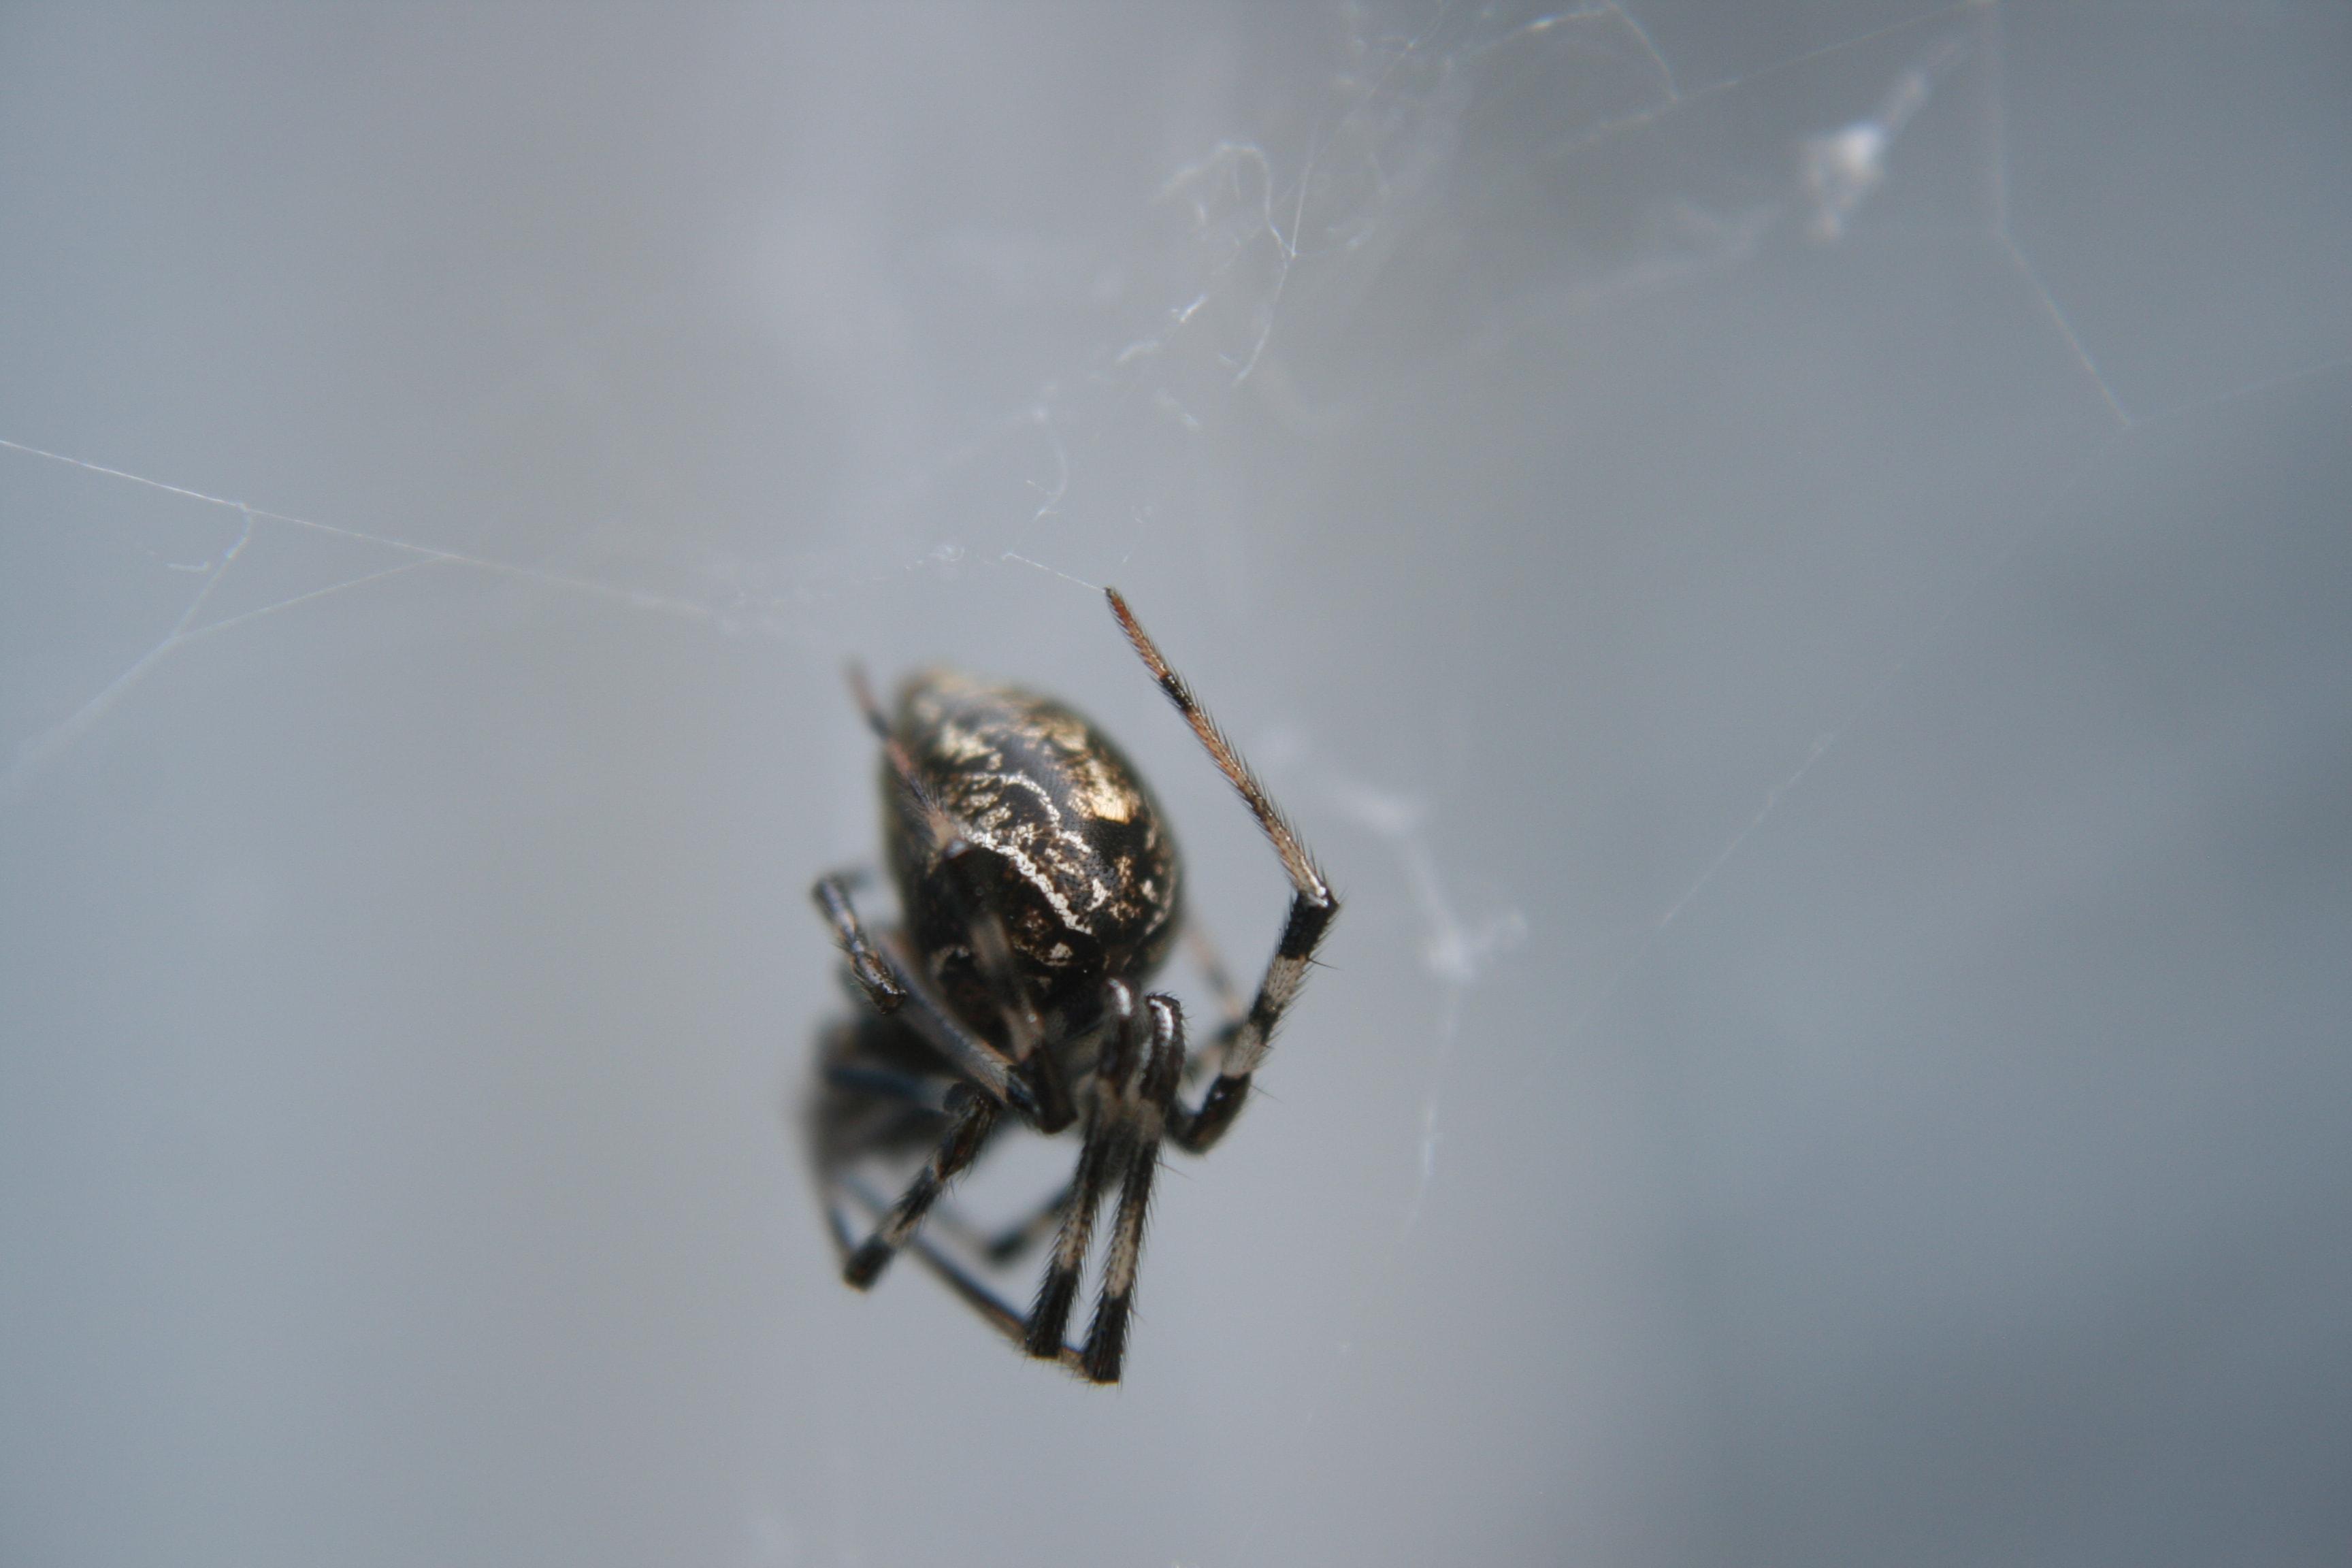 Picture of Parasteatoda tepidariorum (Common House Spider) - Lateral